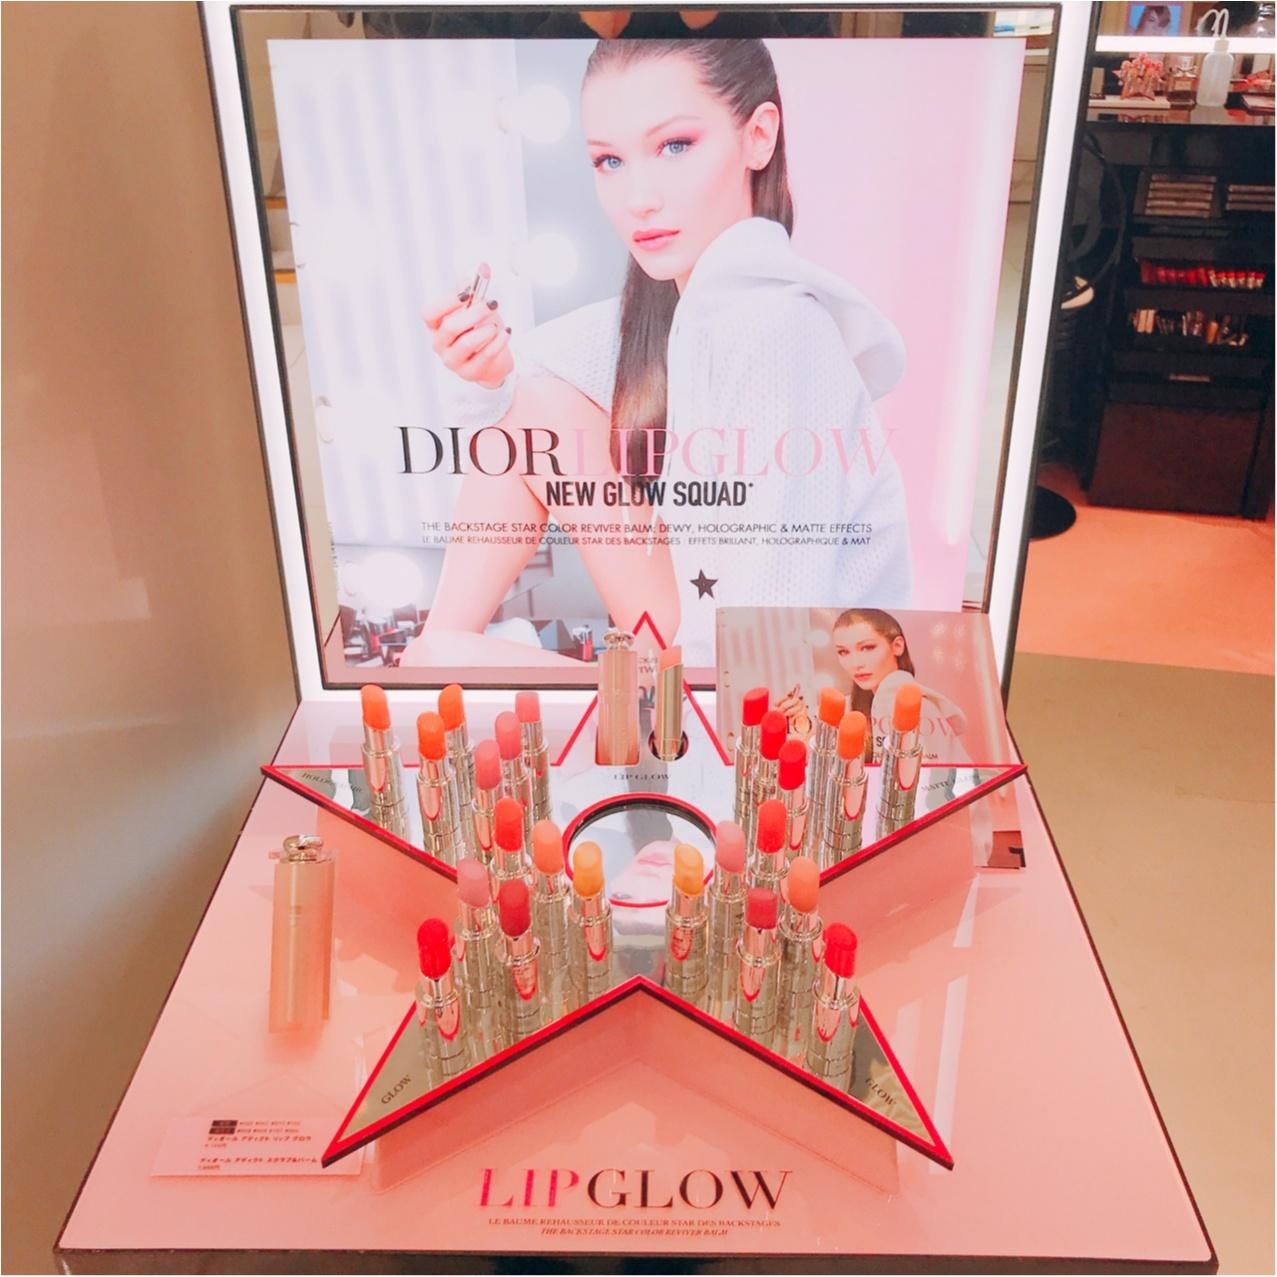 キラキラのくちびるに…♡【Dior(ディオール)】アディクトリップグロウ《ホロピンク》がかわいすぎるっ!!_1_1